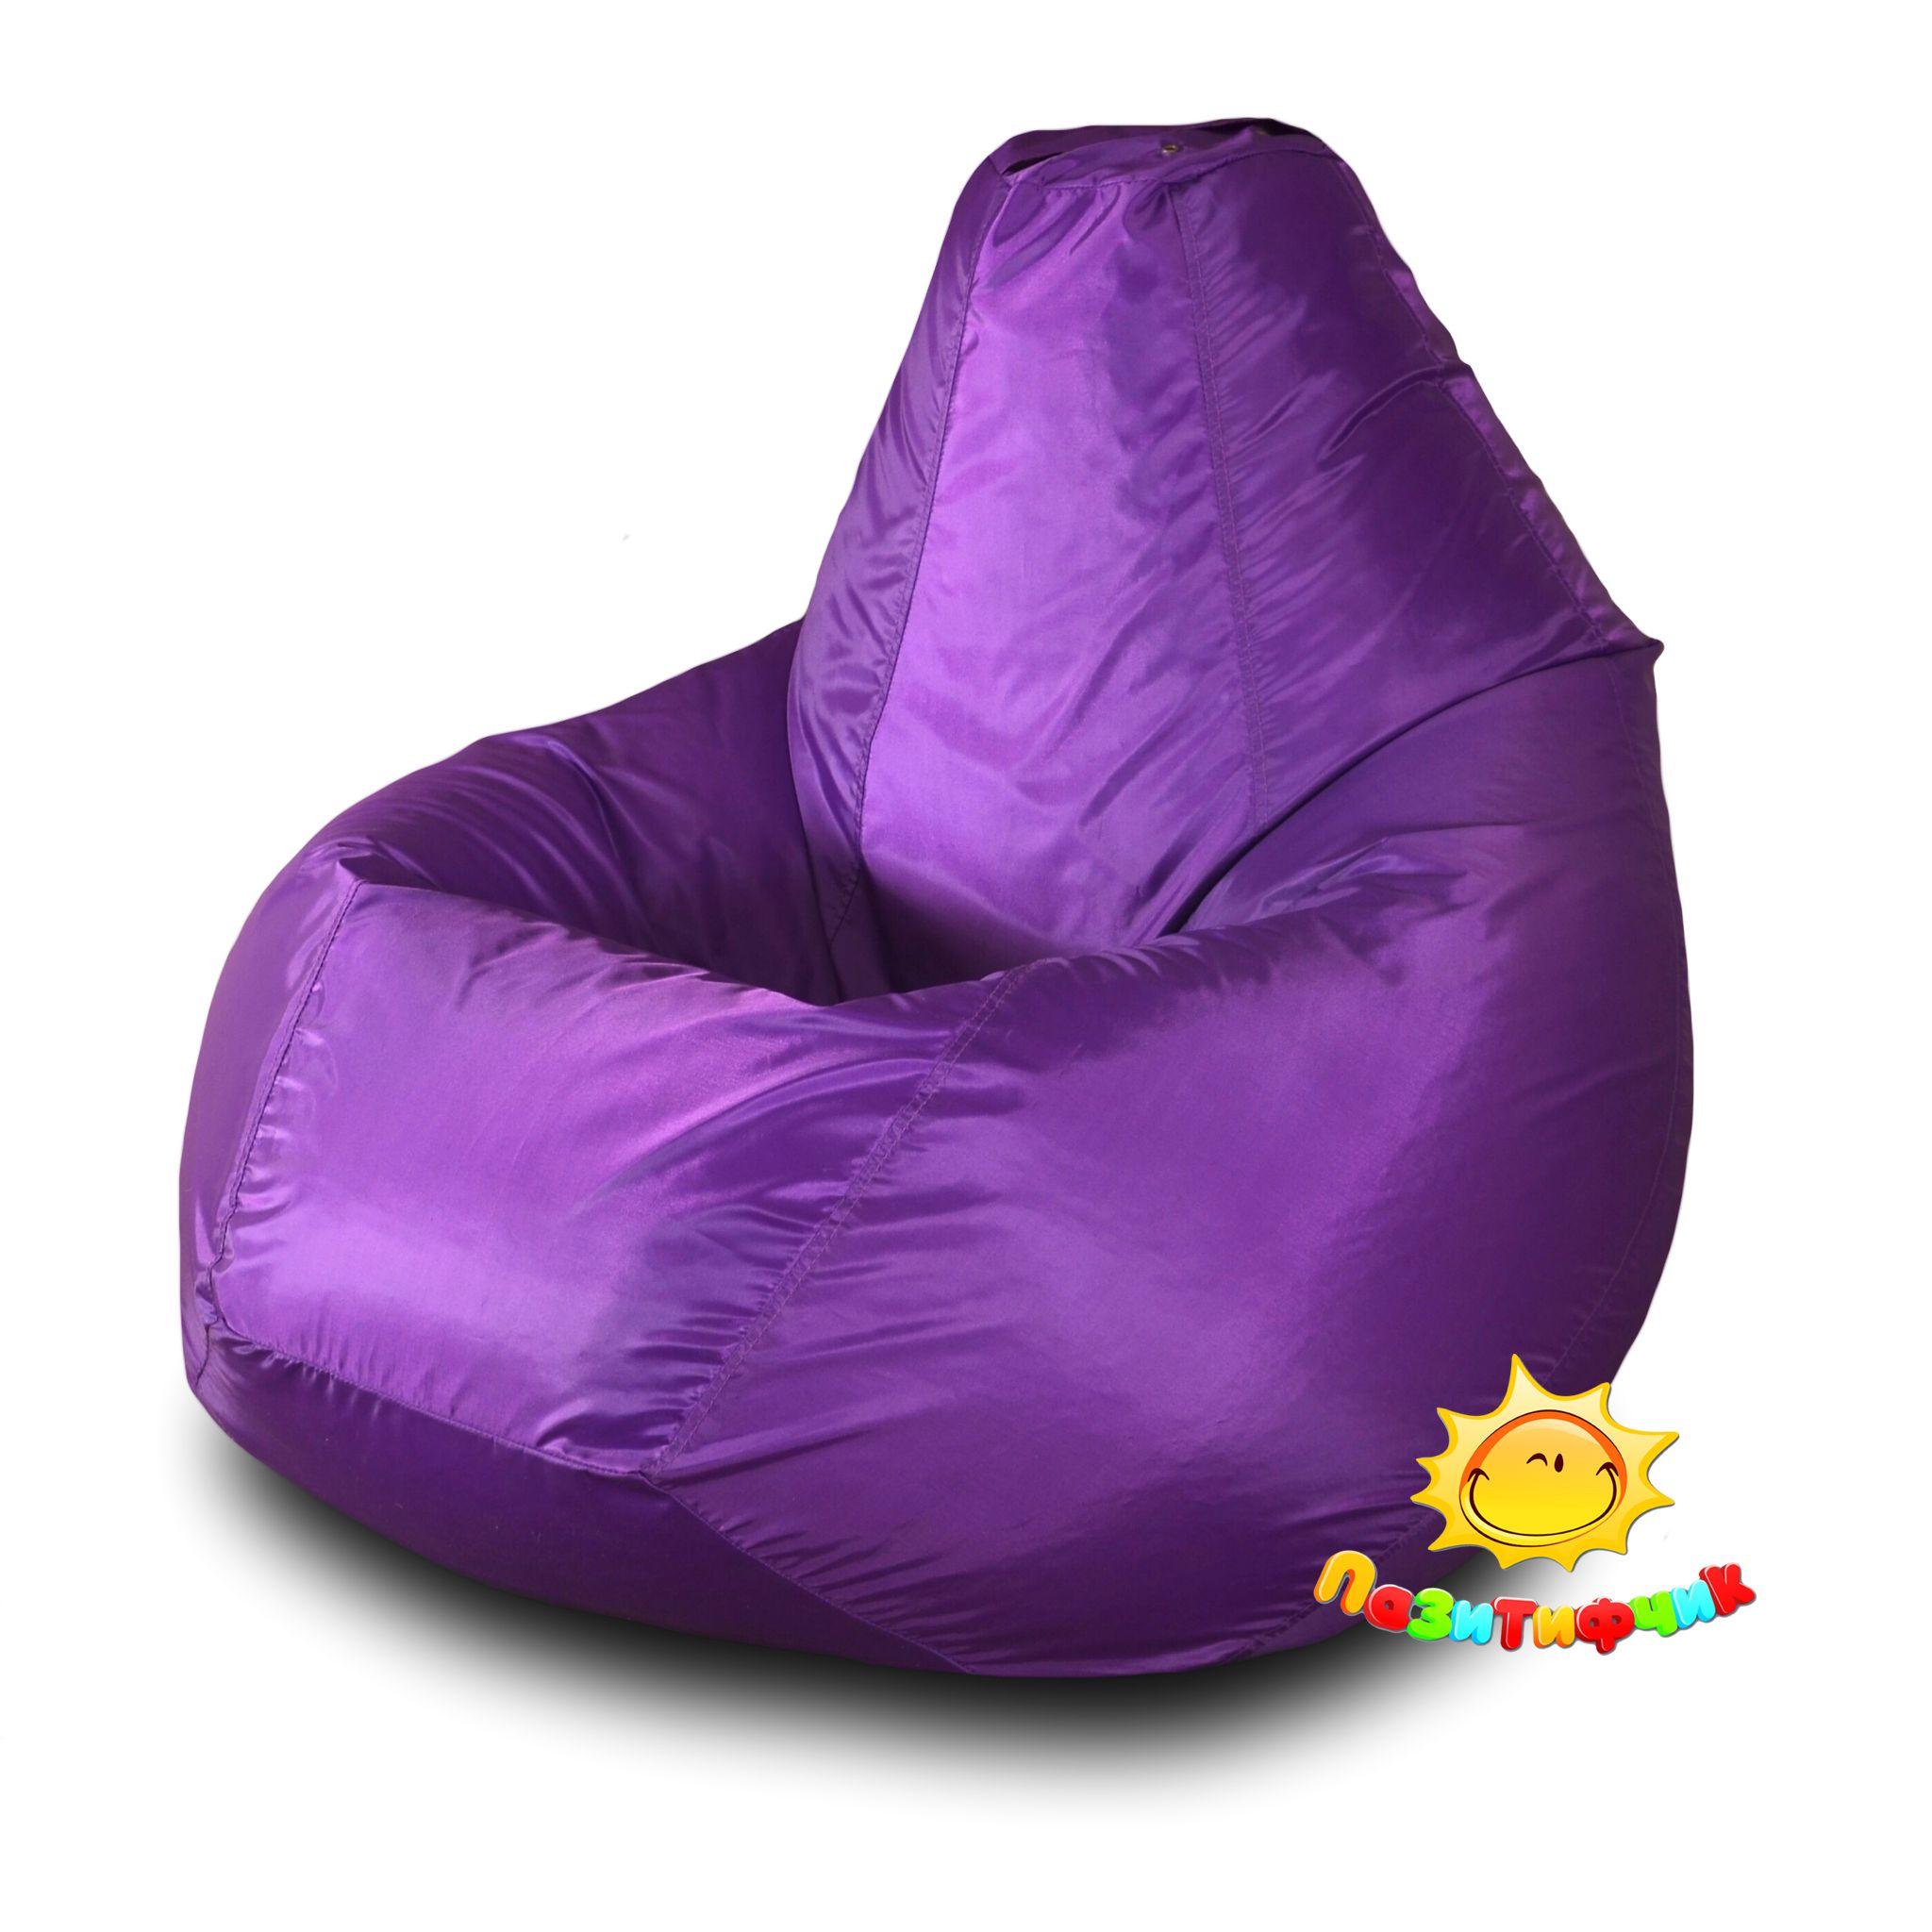 Кресло-мешок Pazitif Груша Пазитифчик Оксфорд, размер XXXL, оксфорд, фиолетовый